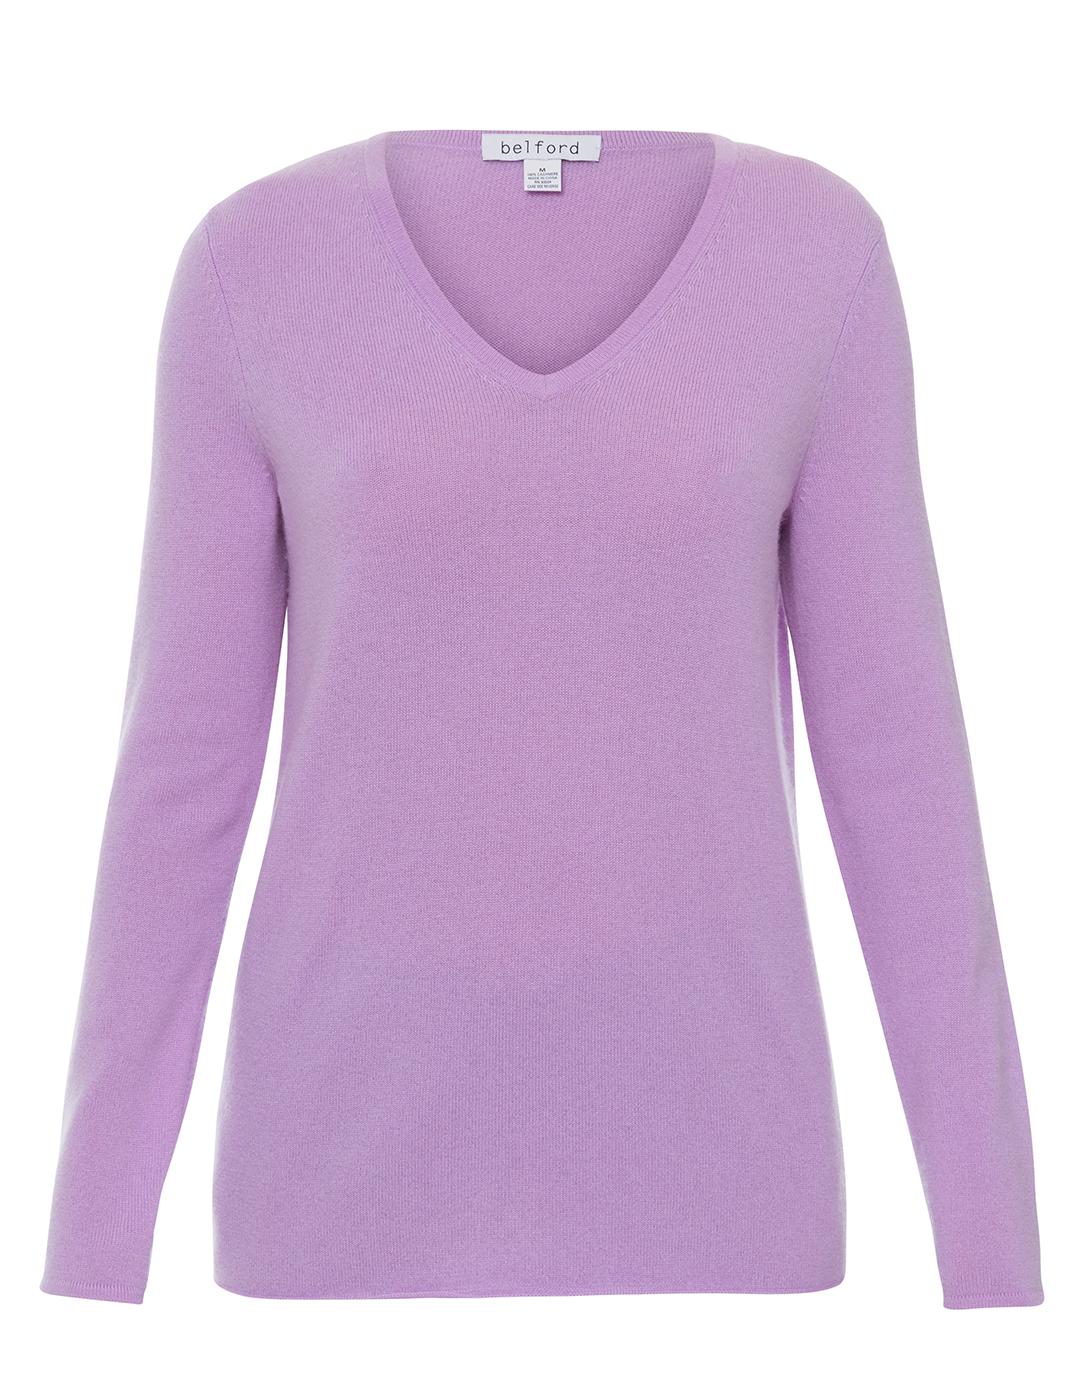 Lavender V-Neck Cashmere Sweater | Belford | Halsbrook